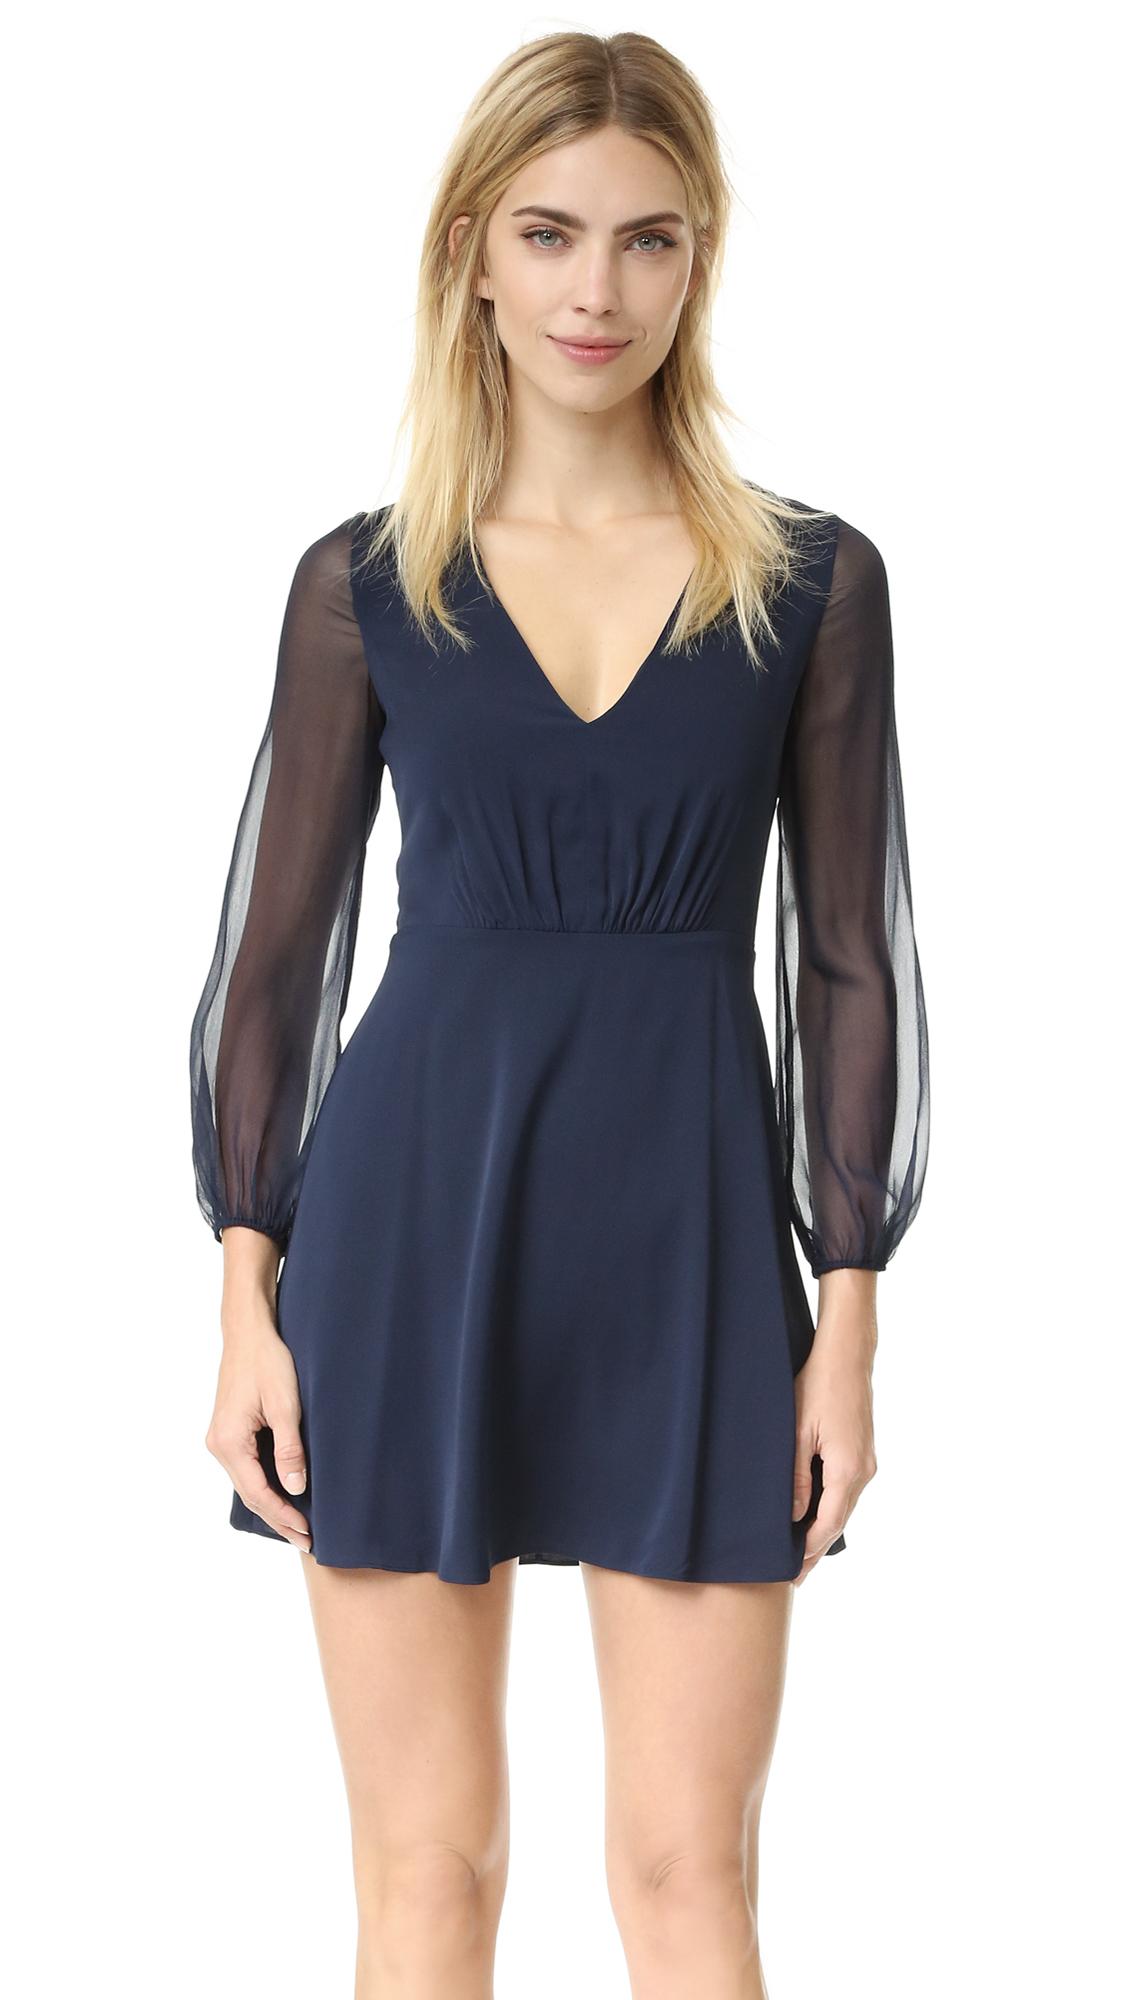 Alice + Olivia Cary Deep V Neck Flare Dress - Navy at Shopbop